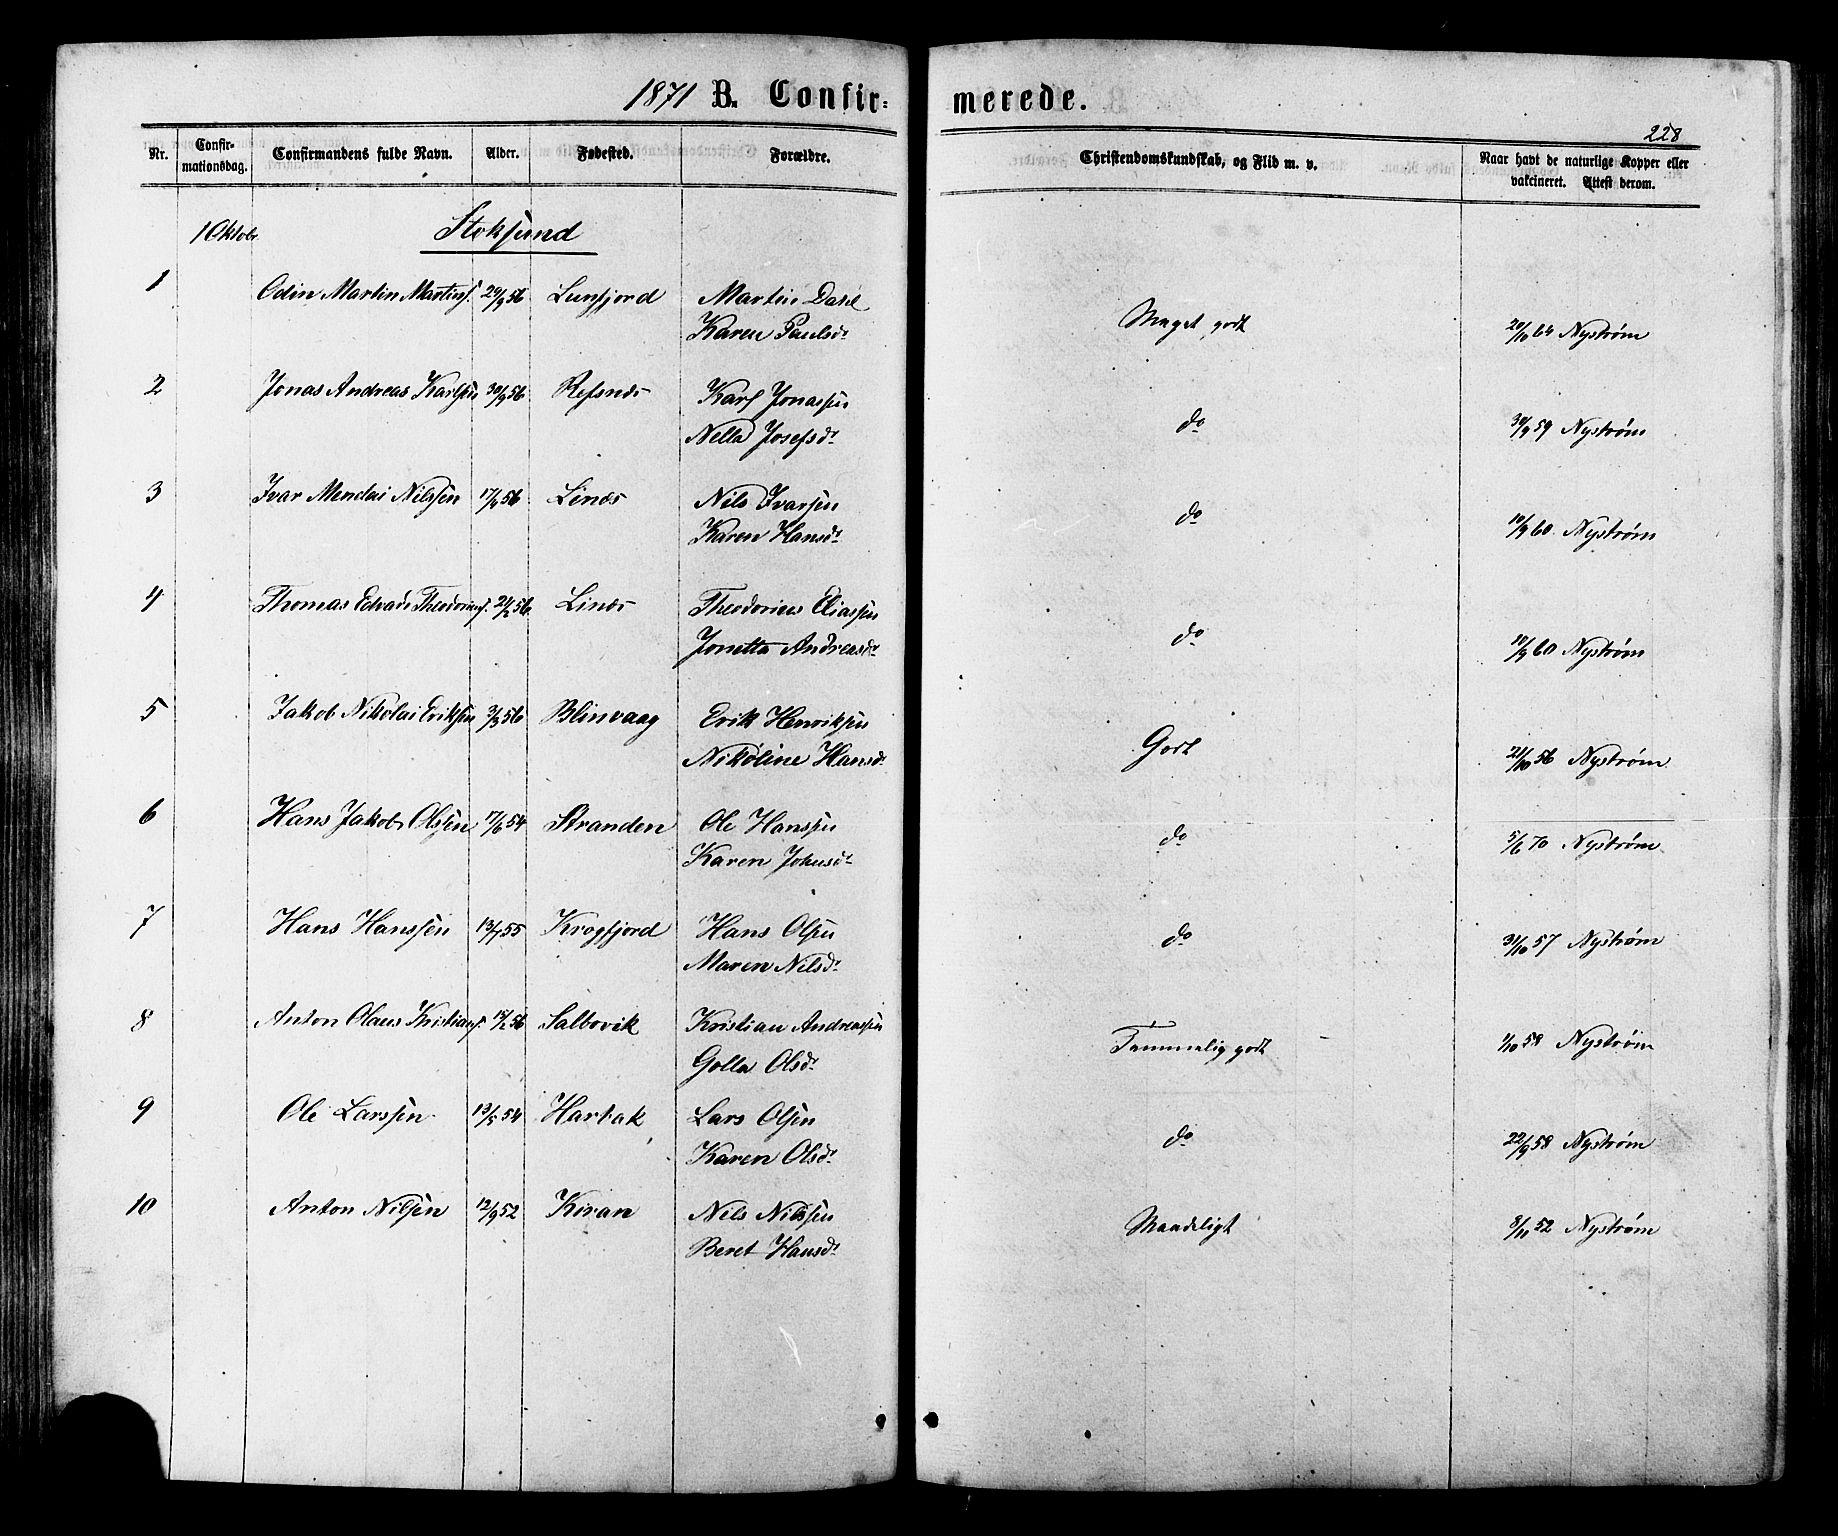 SAT, Ministerialprotokoller, klokkerbøker og fødselsregistre - Sør-Trøndelag, 657/L0706: Ministerialbok nr. 657A07, 1867-1878, s. 228